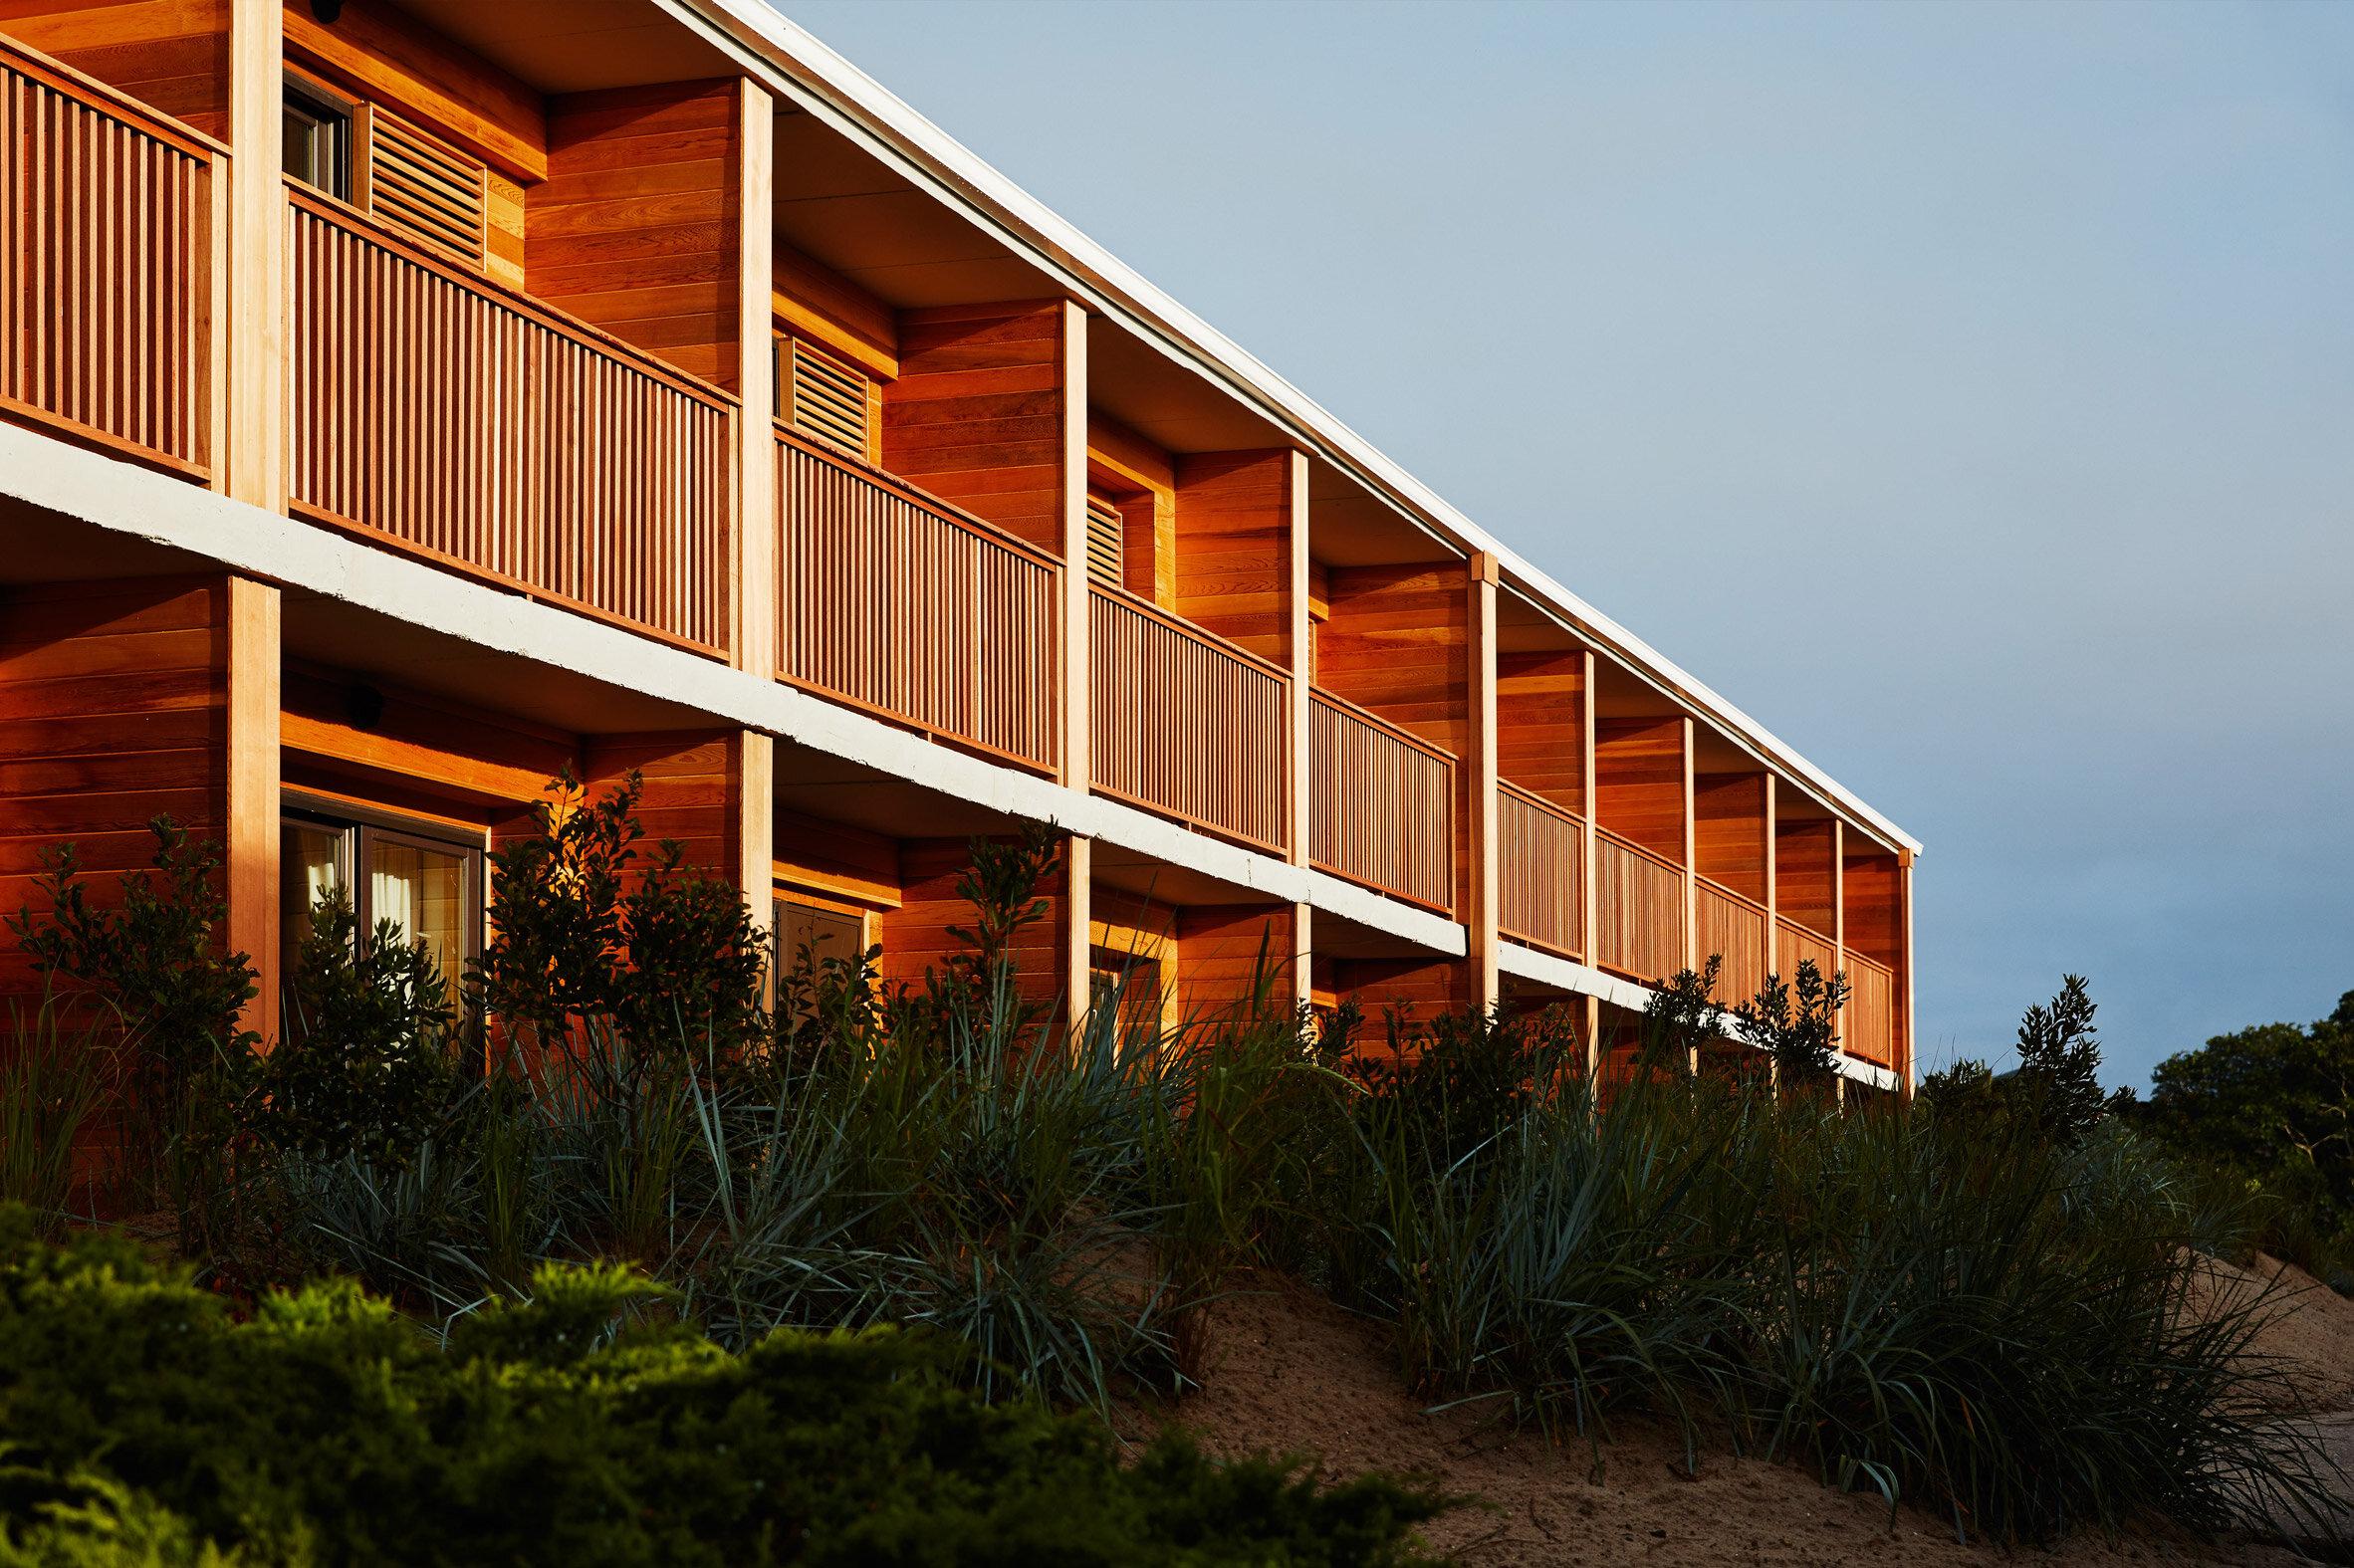 marram-hotel-bridgeton-studio-tack_dezeen_2364_col_9.jpg